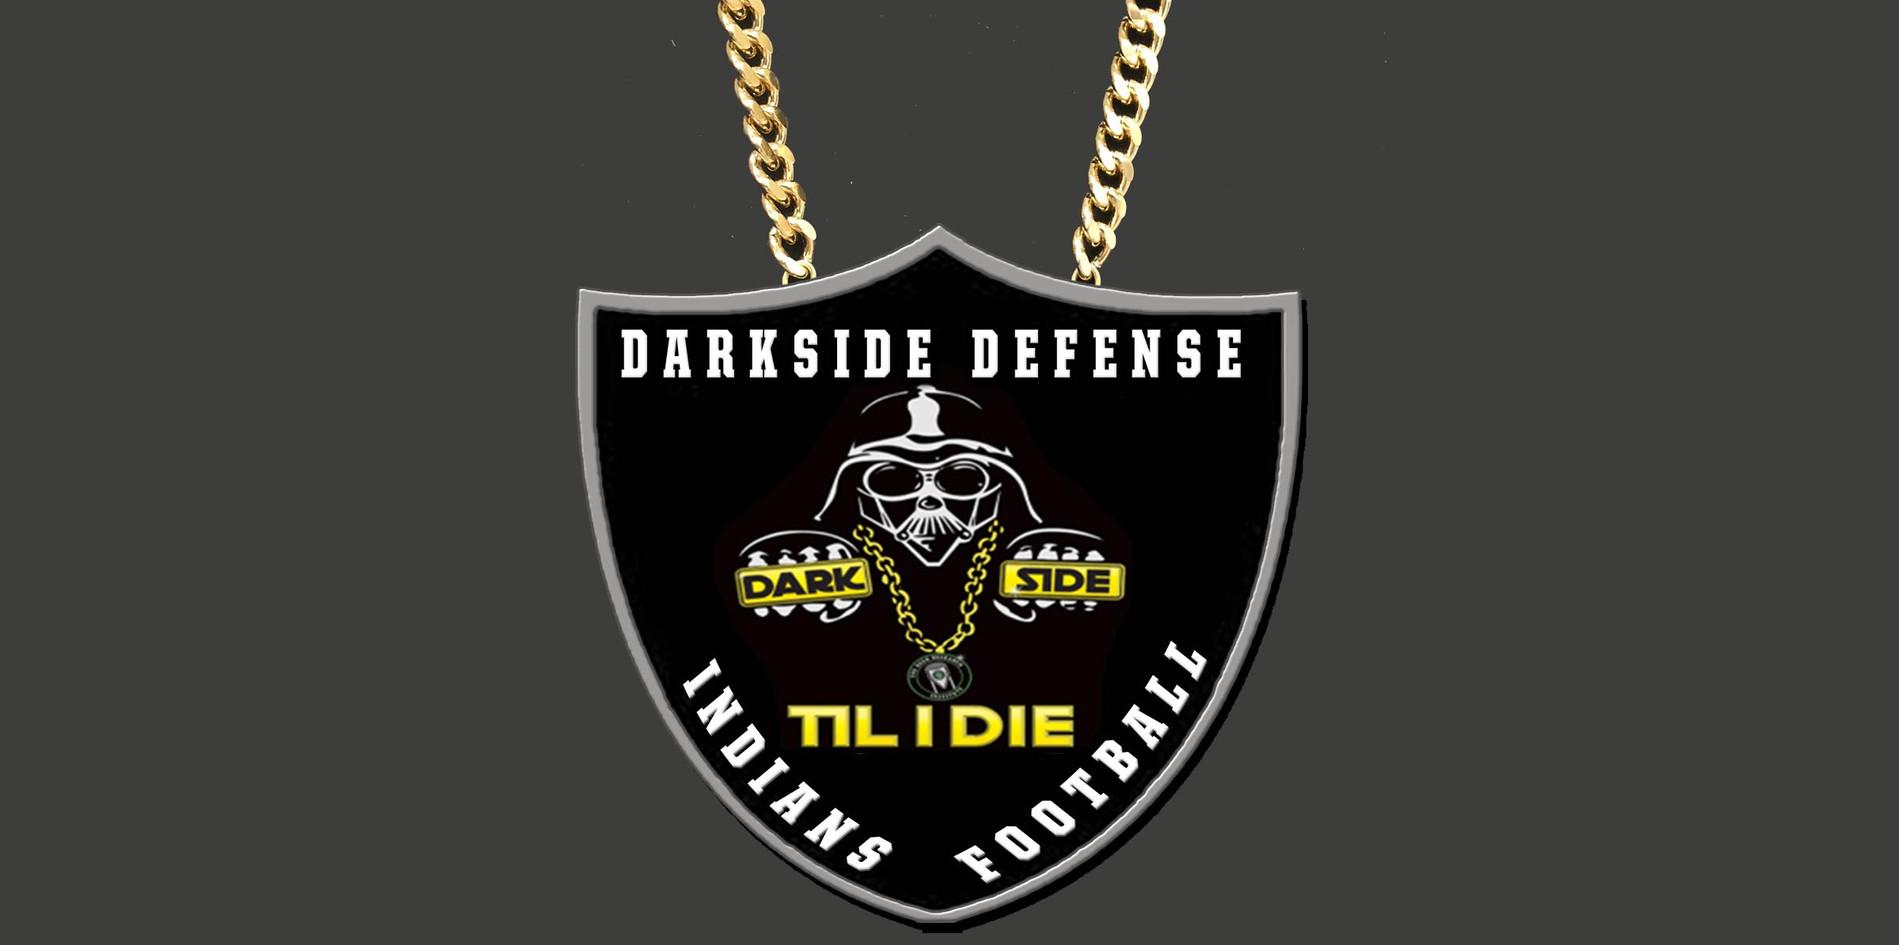 darkside till i die.jpg